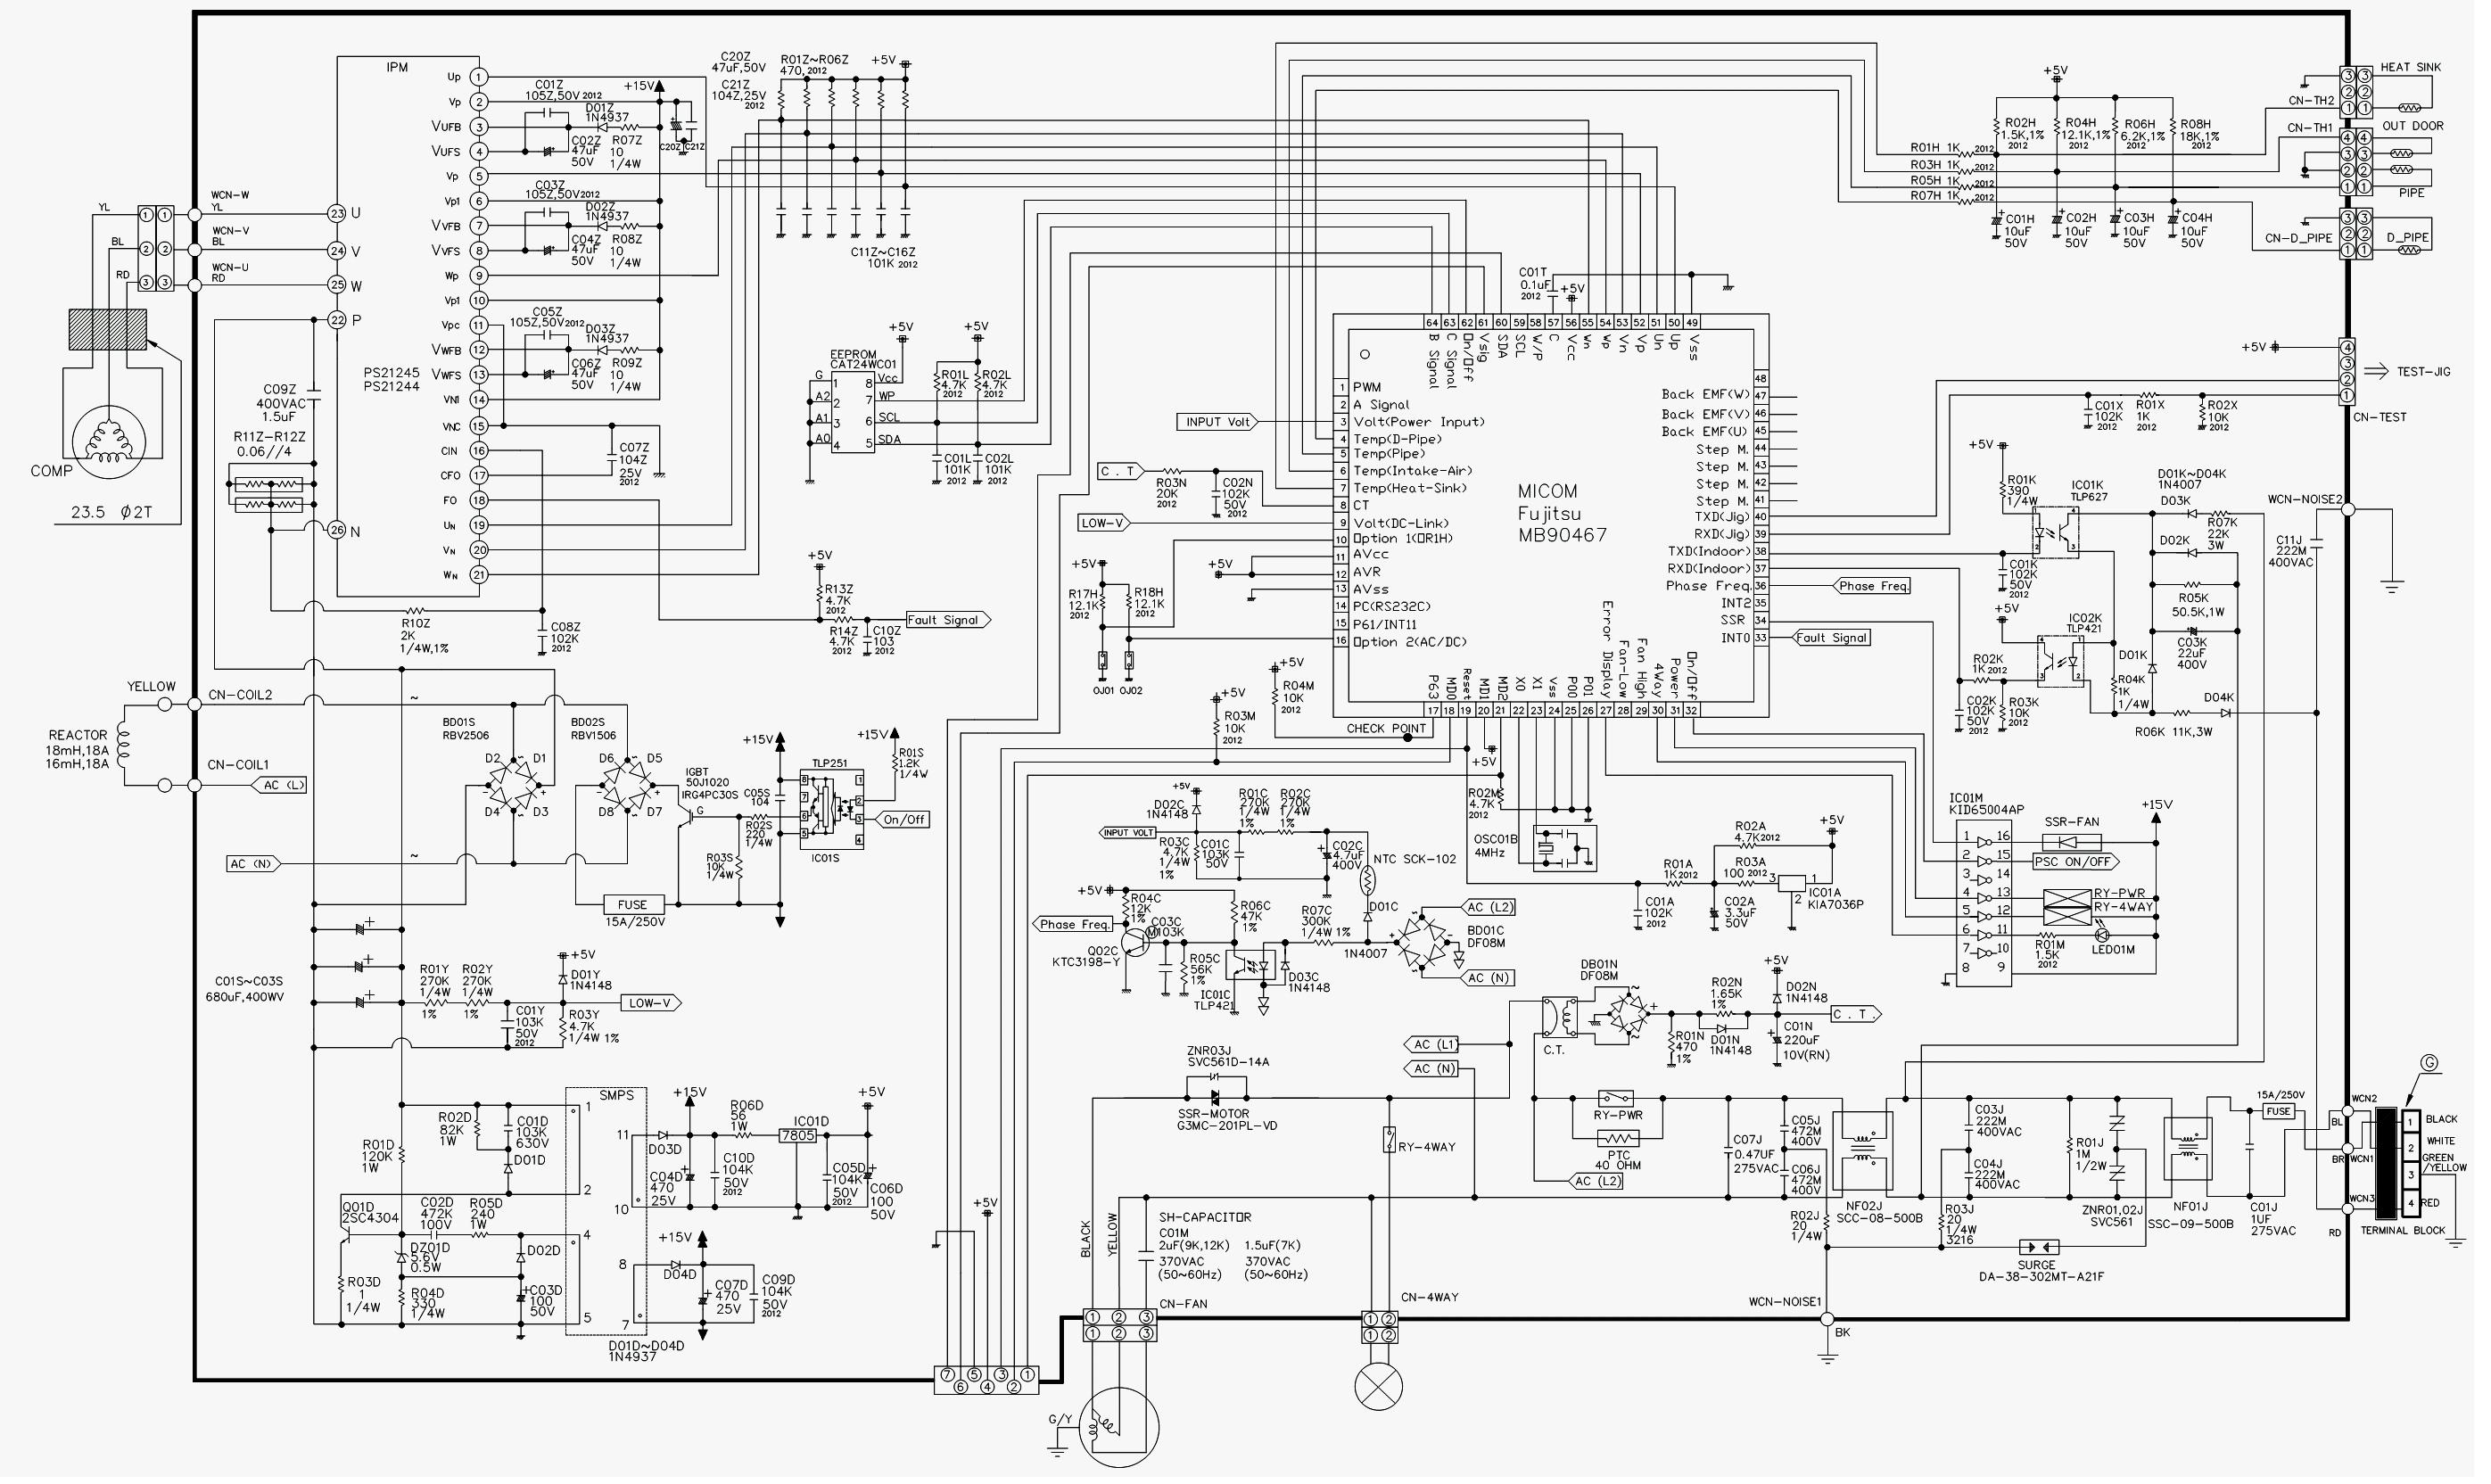 т 54 lh электрическая схема